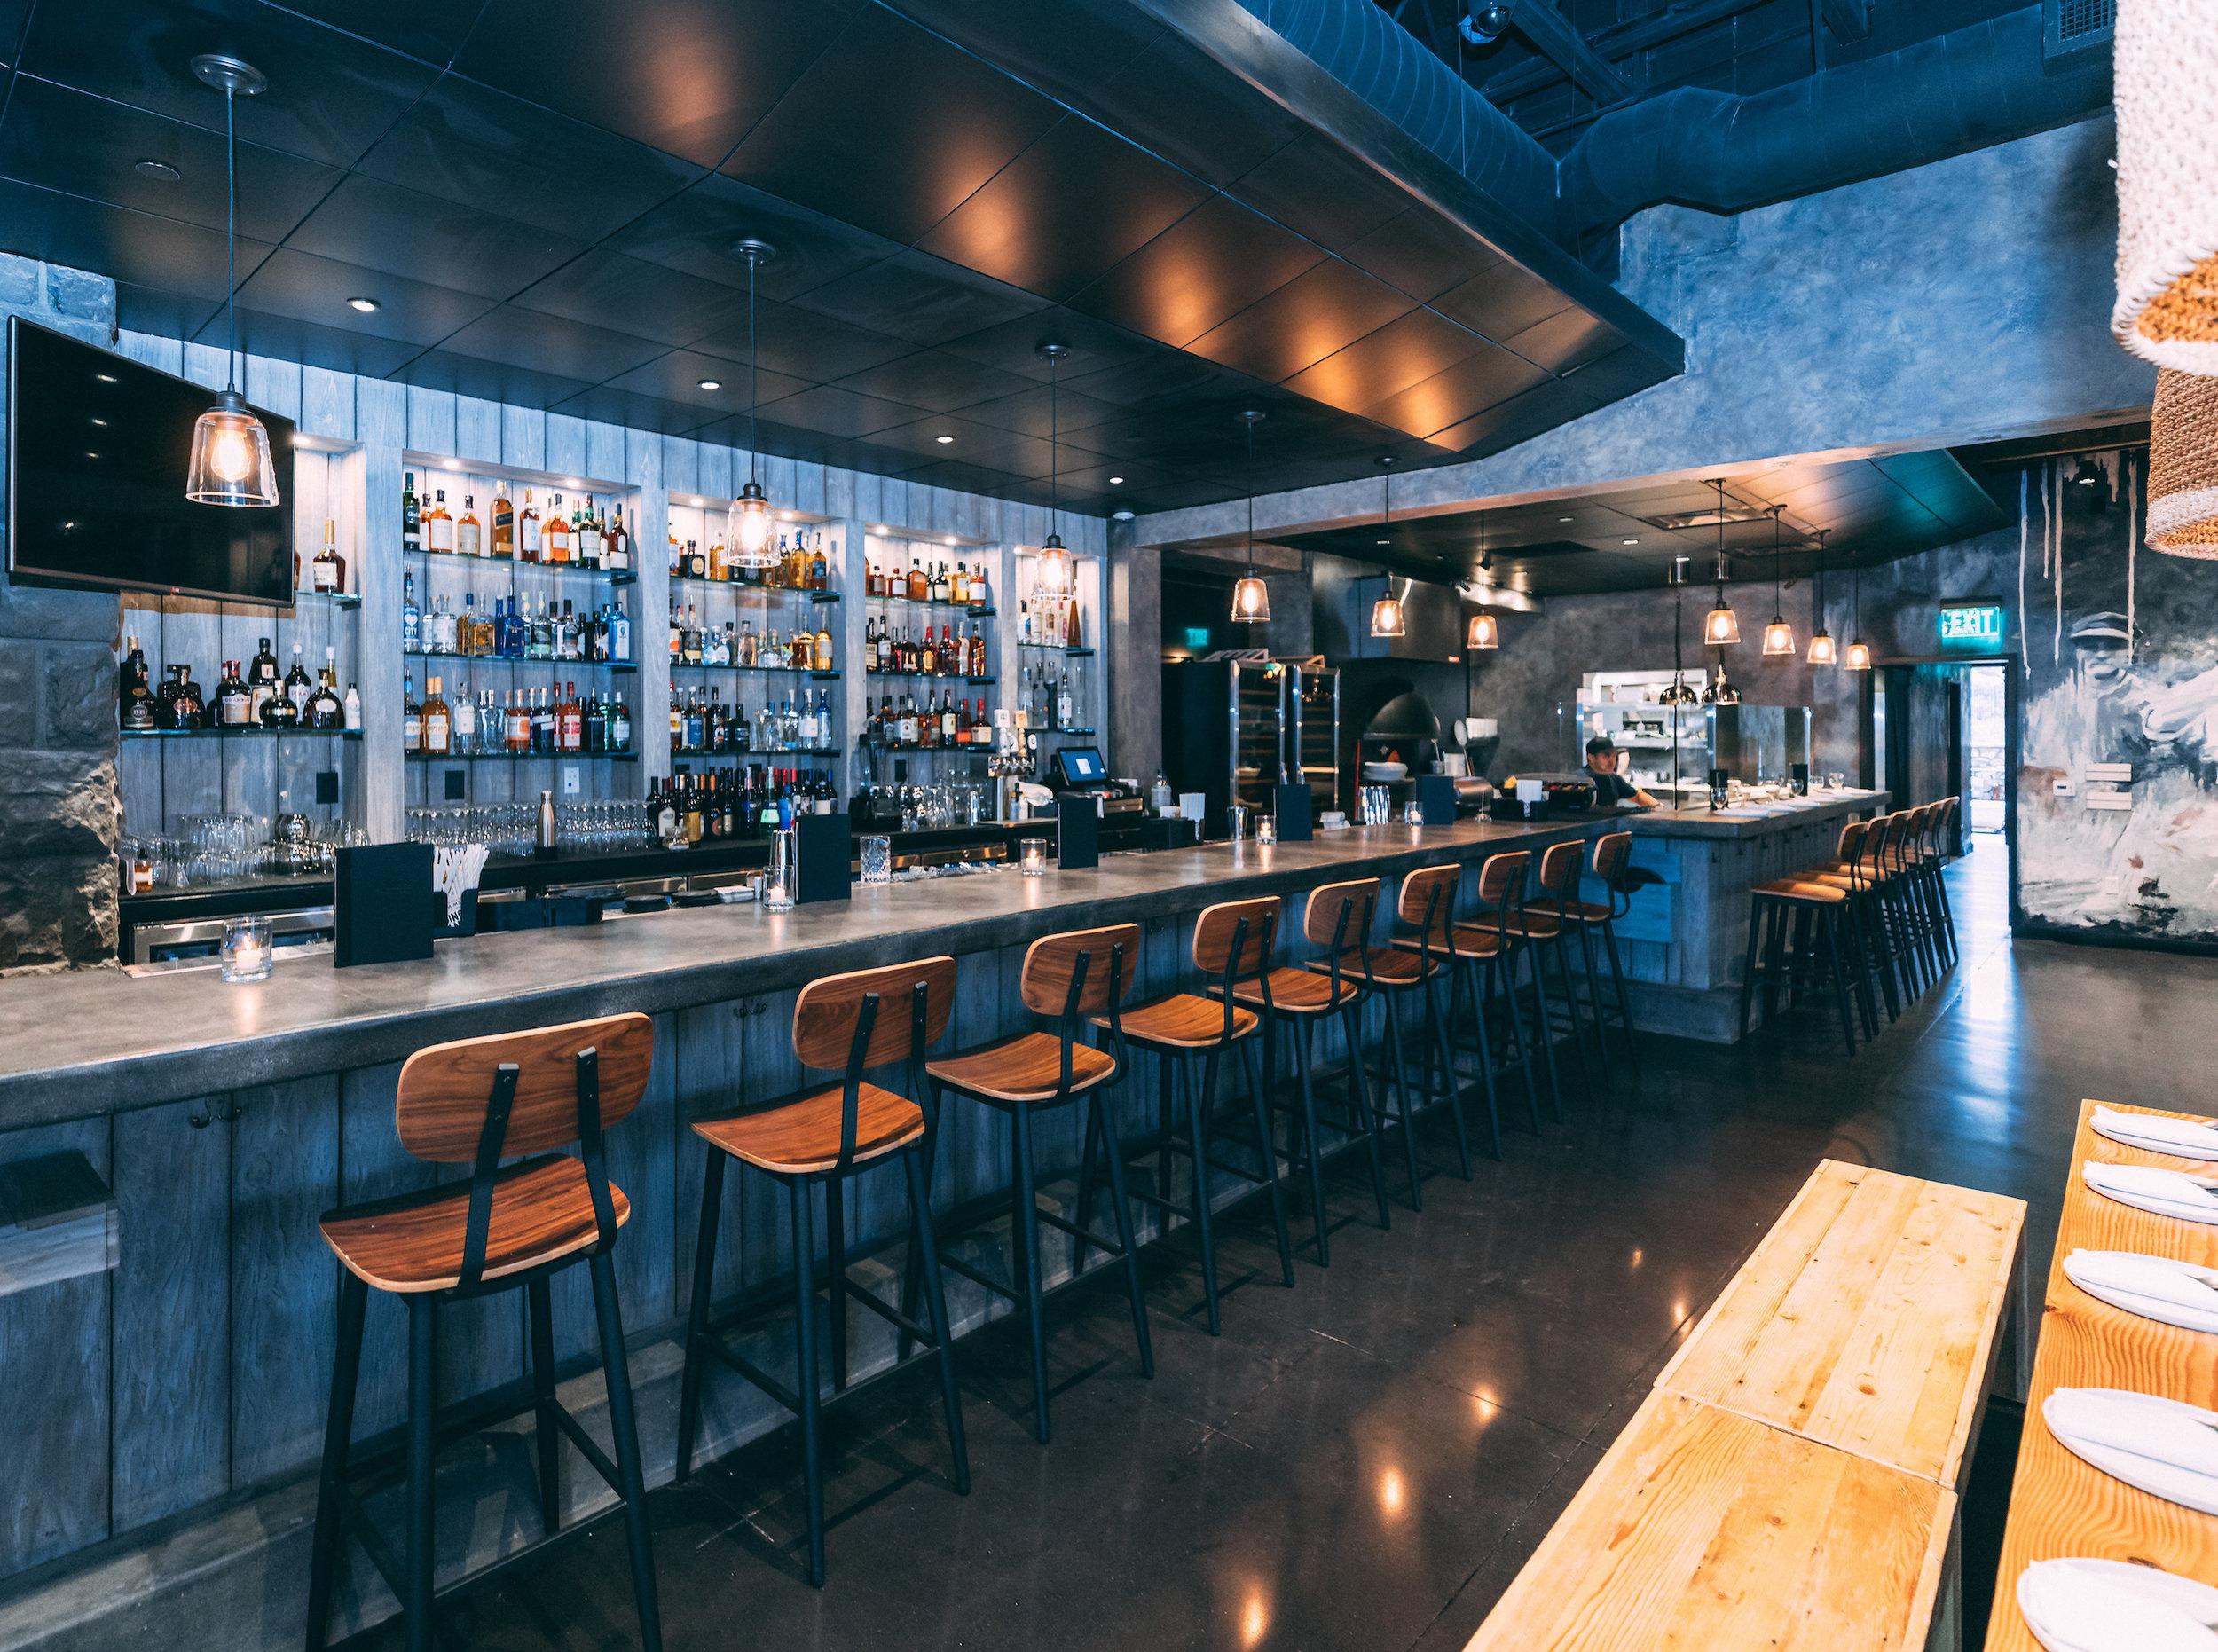 101 North Eatery Bar Westlake Village S Newest Restaurant